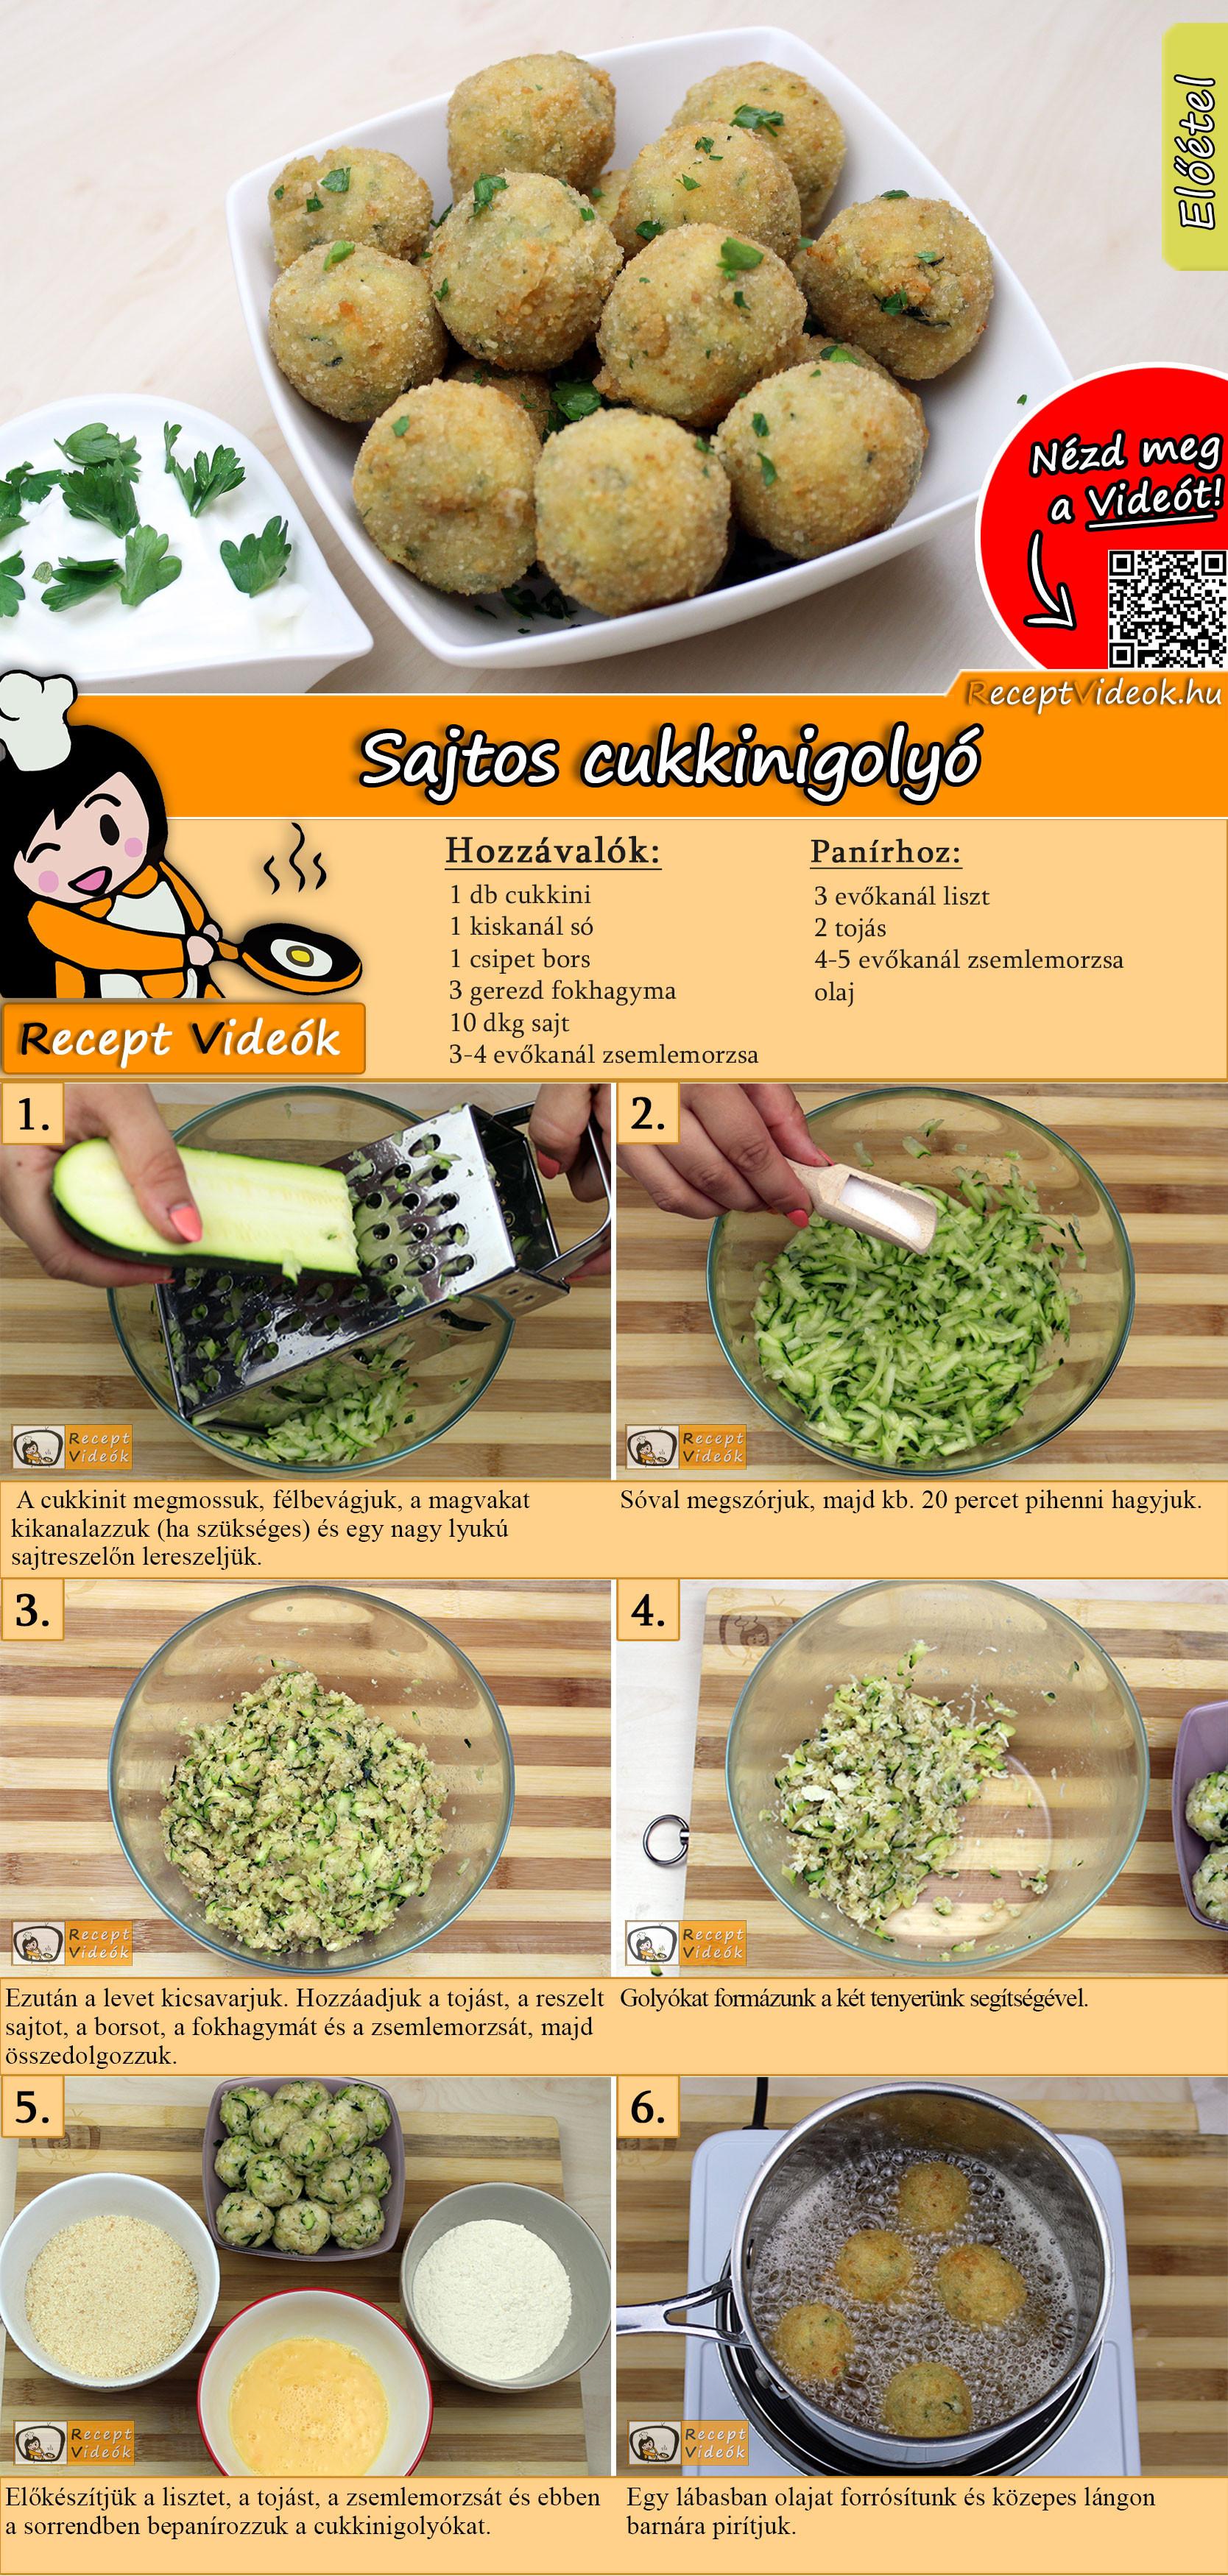 Sajtos cukkinigolyó recept elkészítése videóval